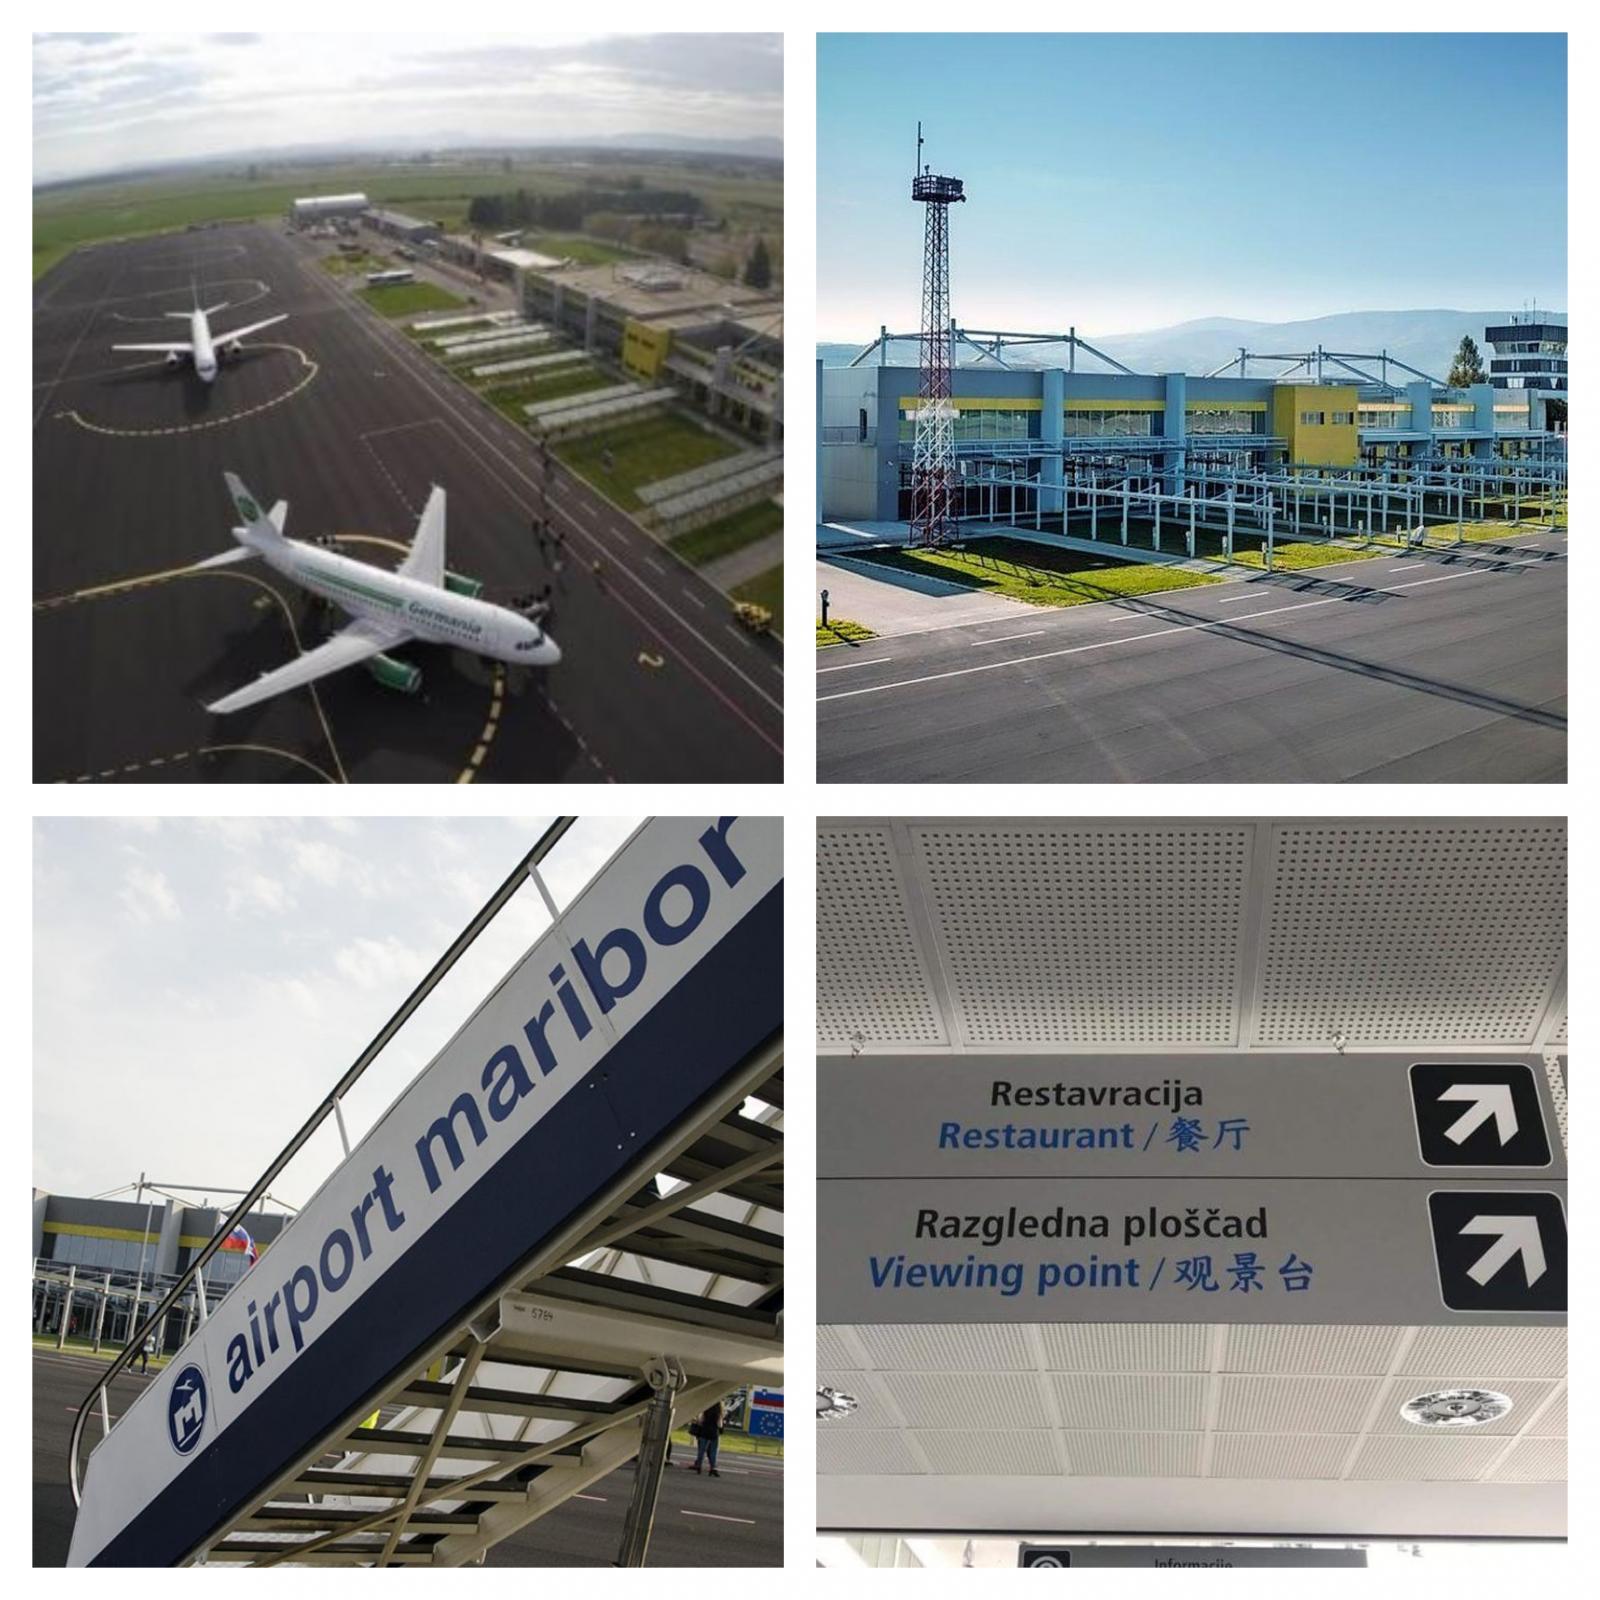 Letališče Edvarda Rusjana